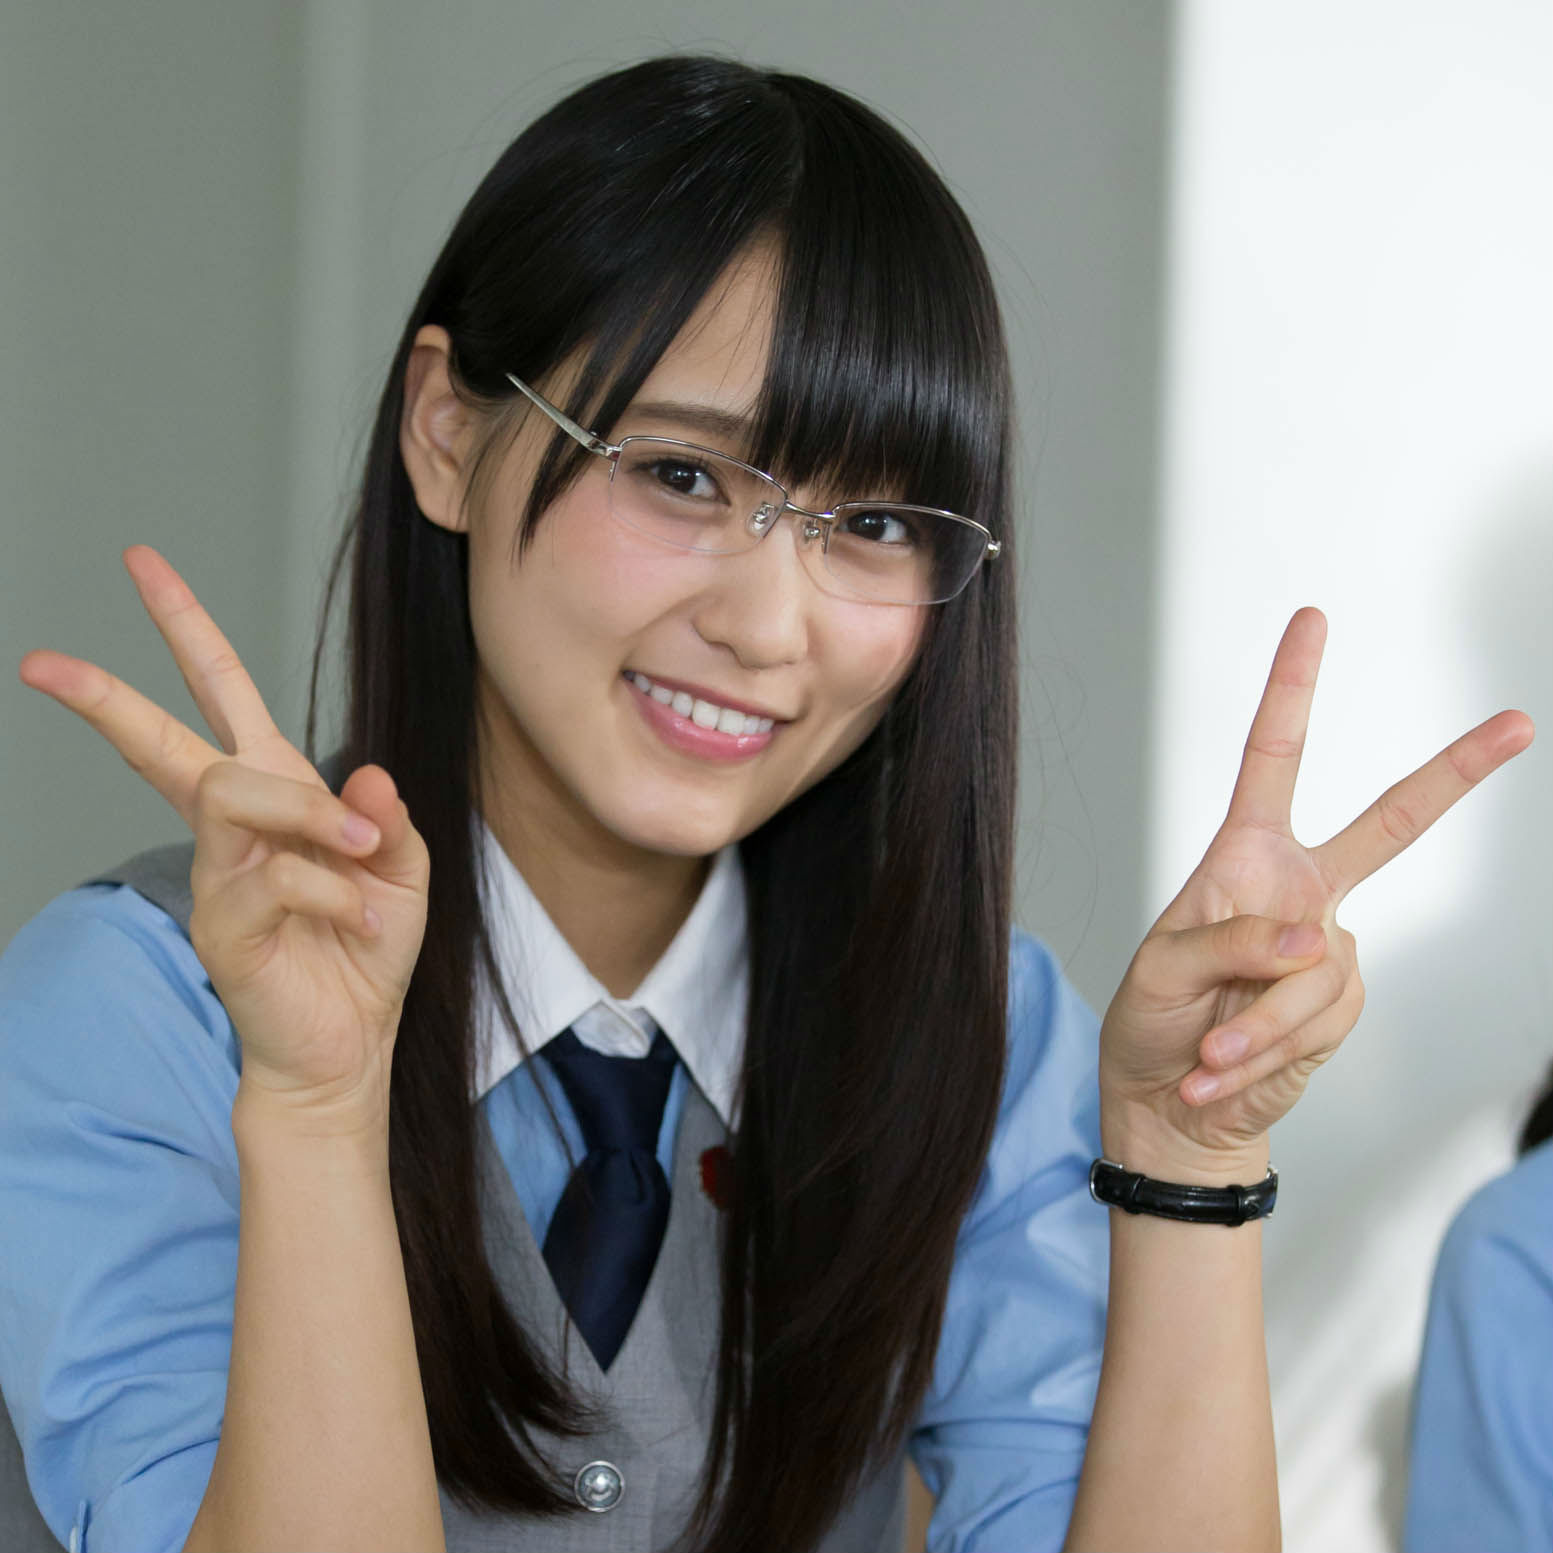 欅坂46・菅井友香さん<br />「『起立、礼、着席!』…緊張しました(笑)」